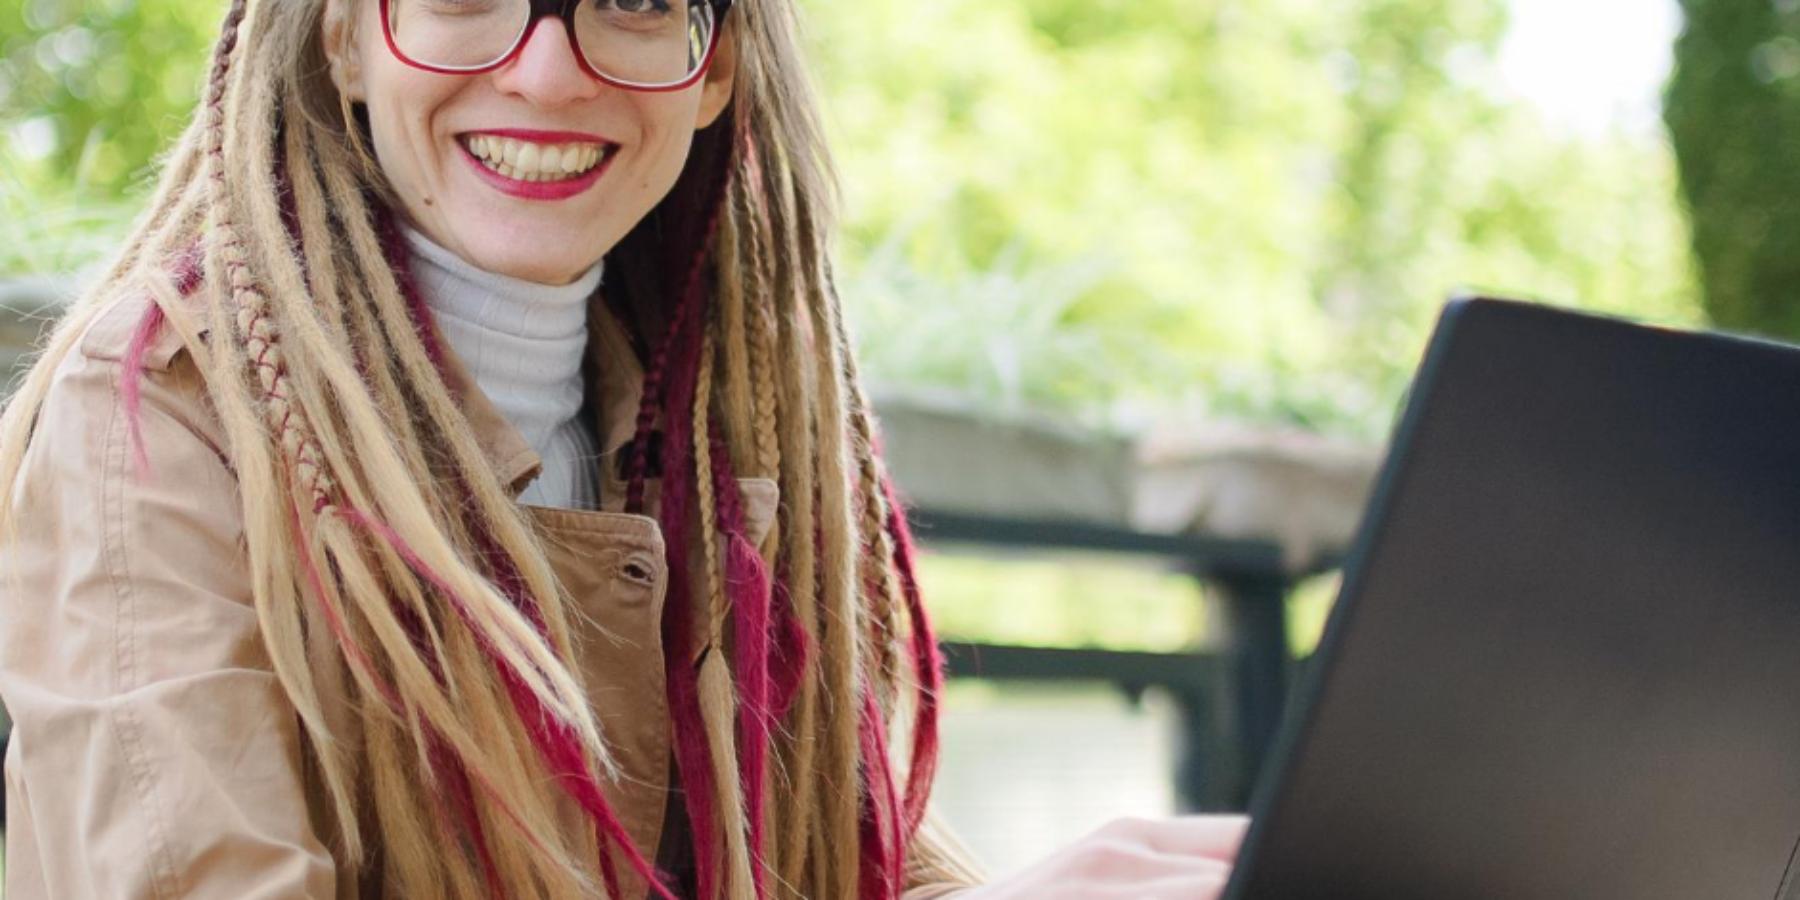 10 pomysłów naciekawy wpis nafirmowego bloga